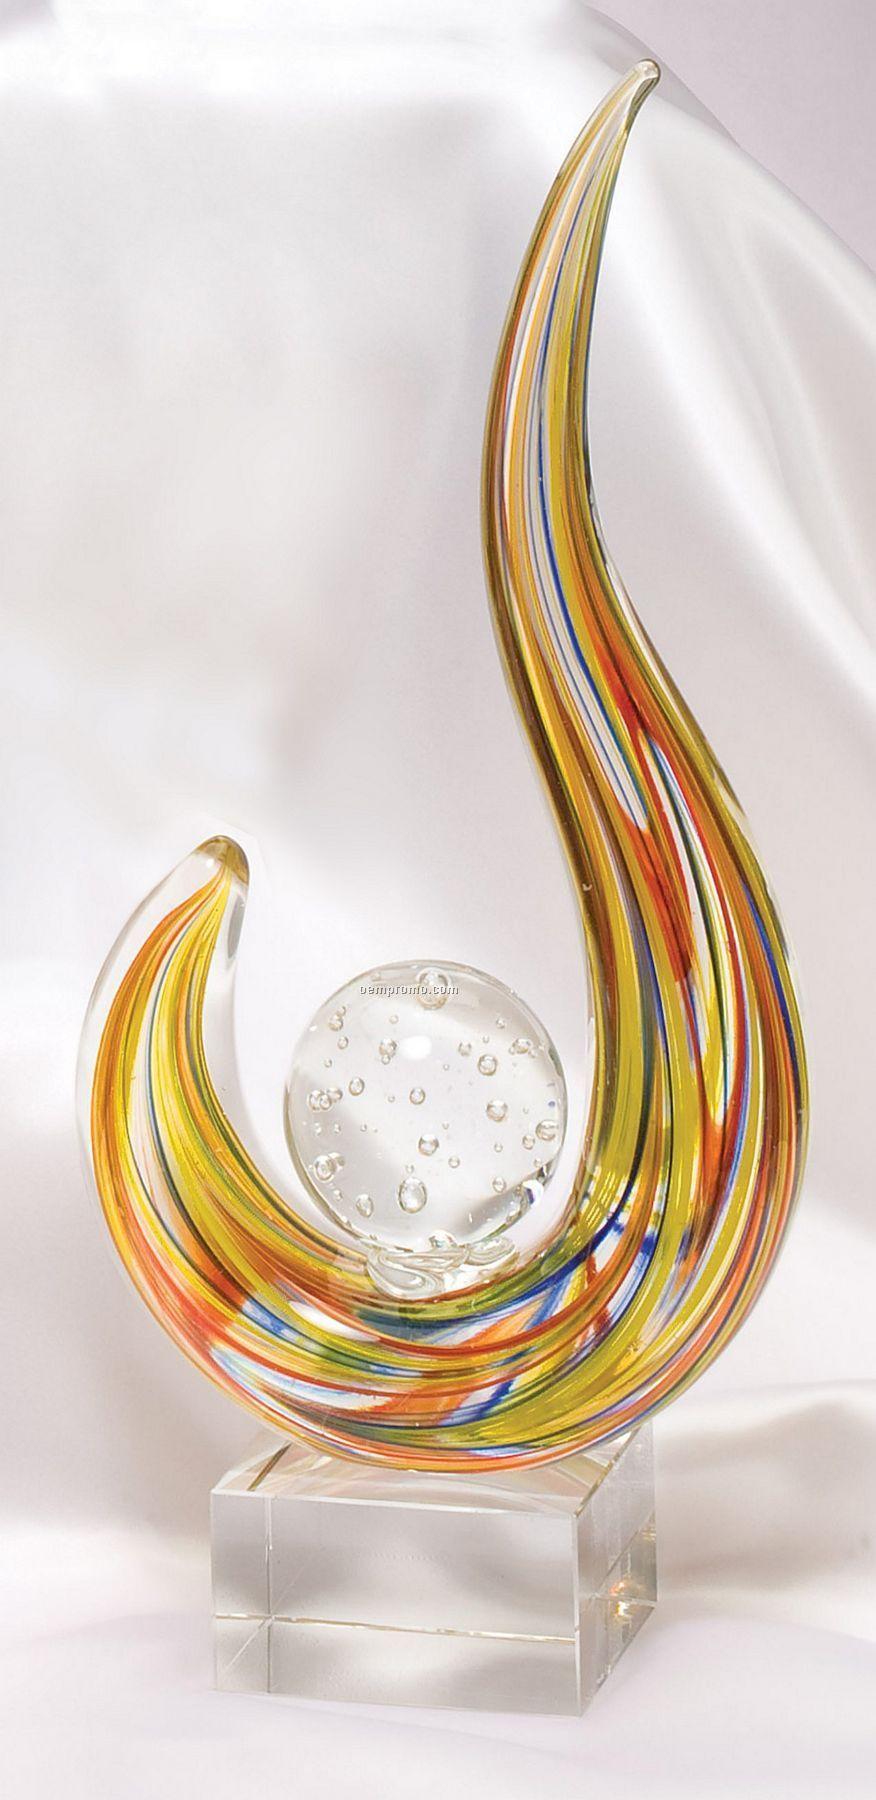 Multi-color Flame Sculpture / Award